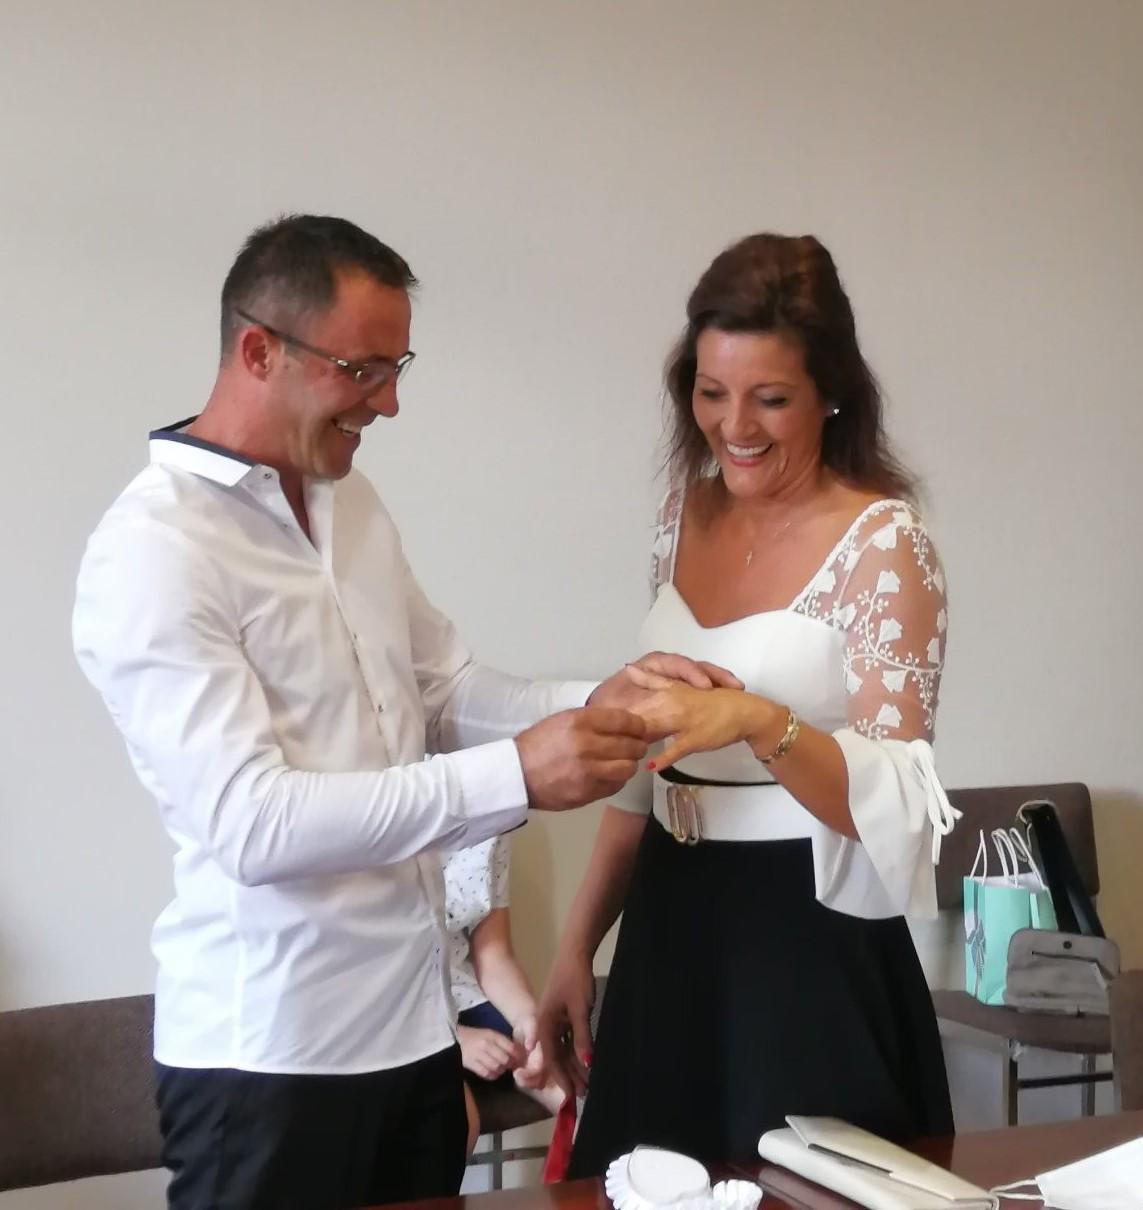 25 juillet: mariage de Mme Gazmende Hyseni et M. Fehmi Dupaa